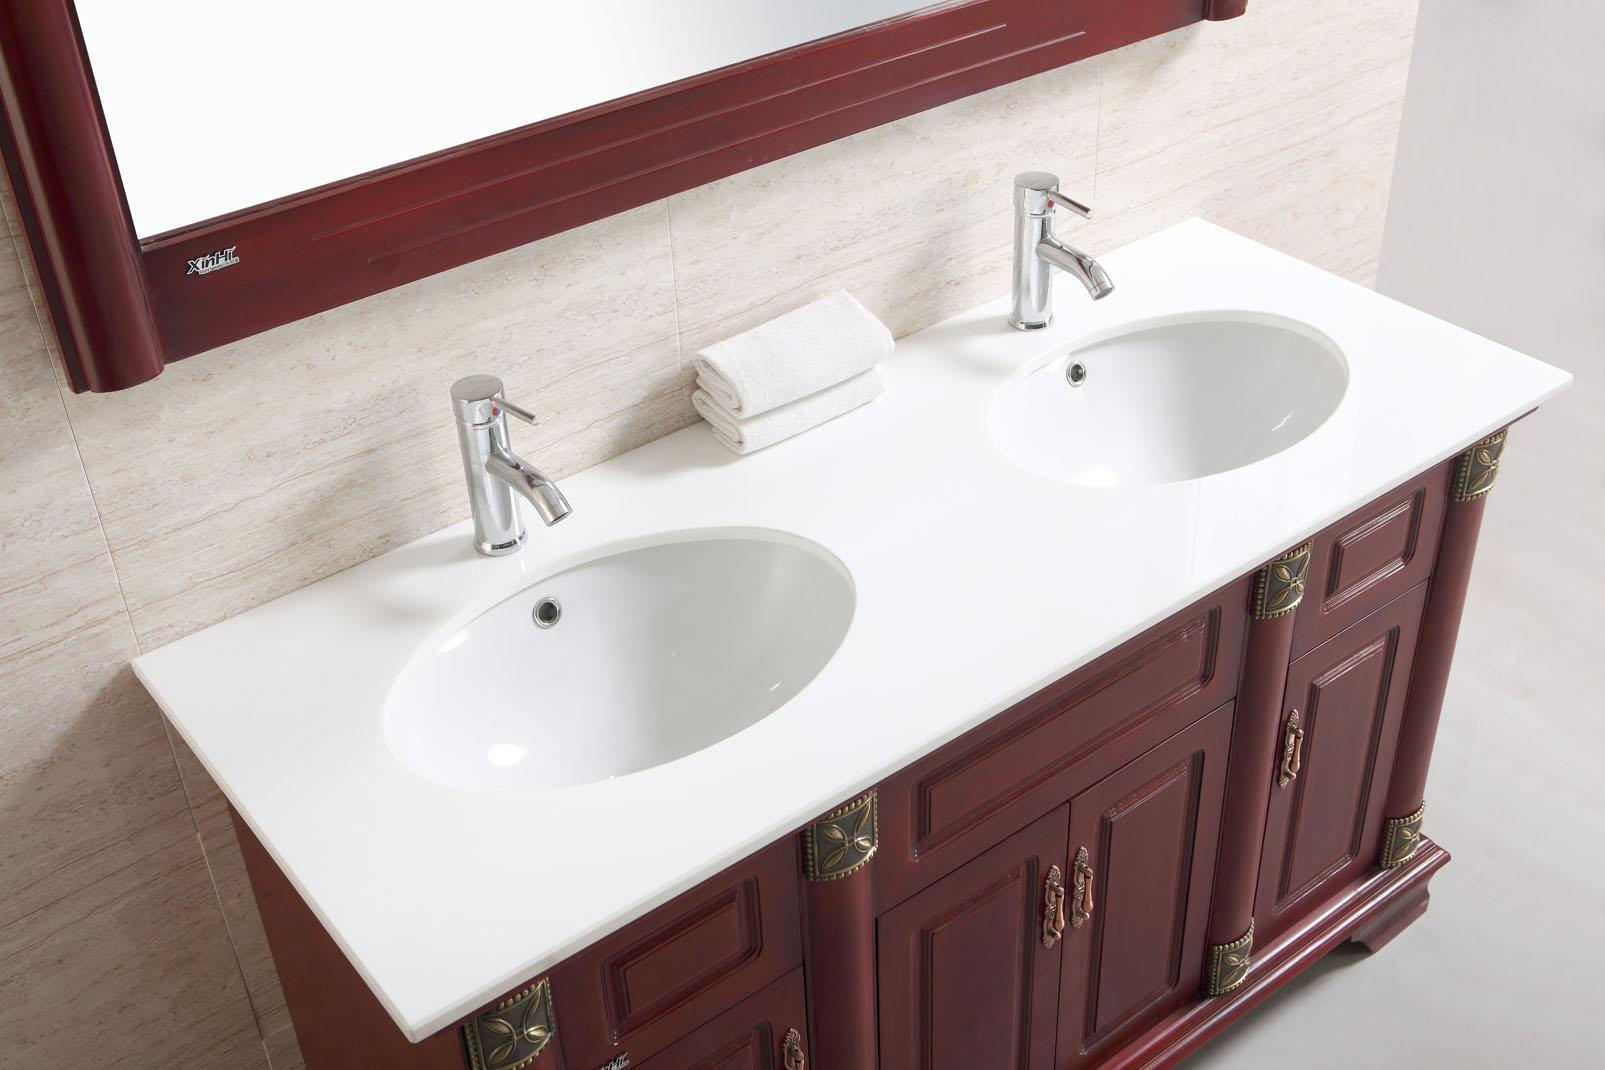 Meuble de salle de bains sanifun rustica 140 ebay - Salle de bains online ...